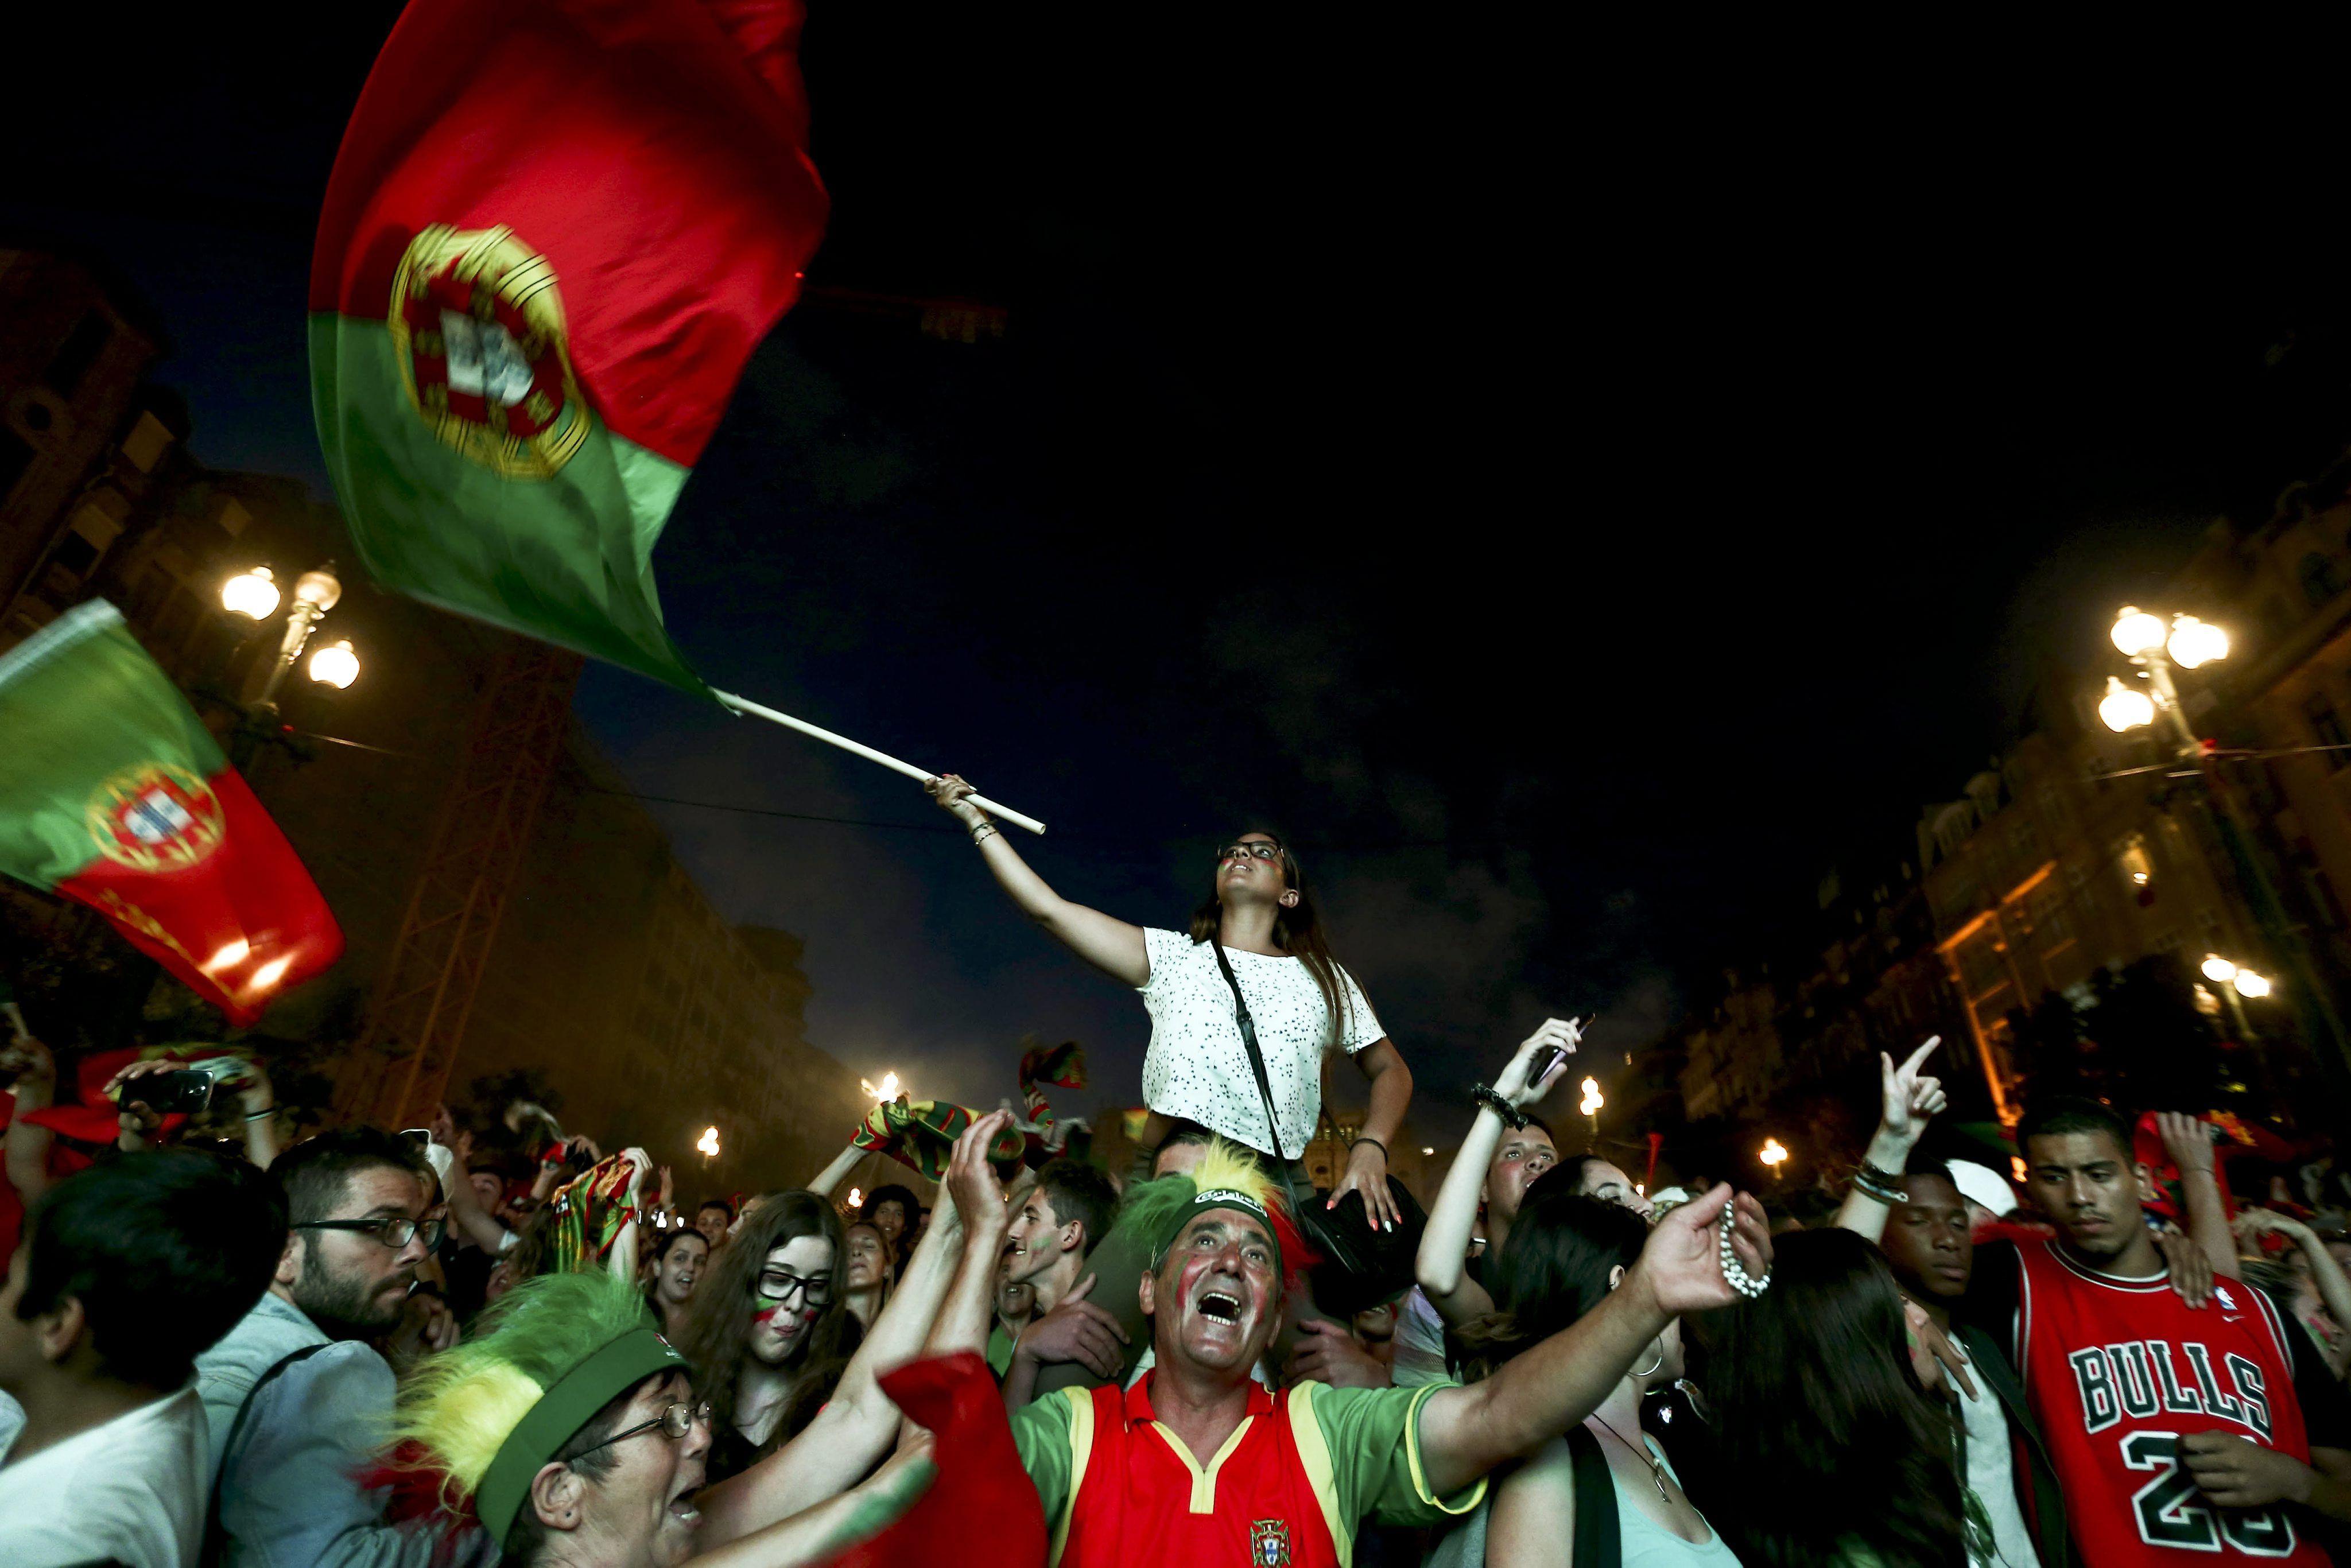 Portugal finalista de la Eurocopa 2016